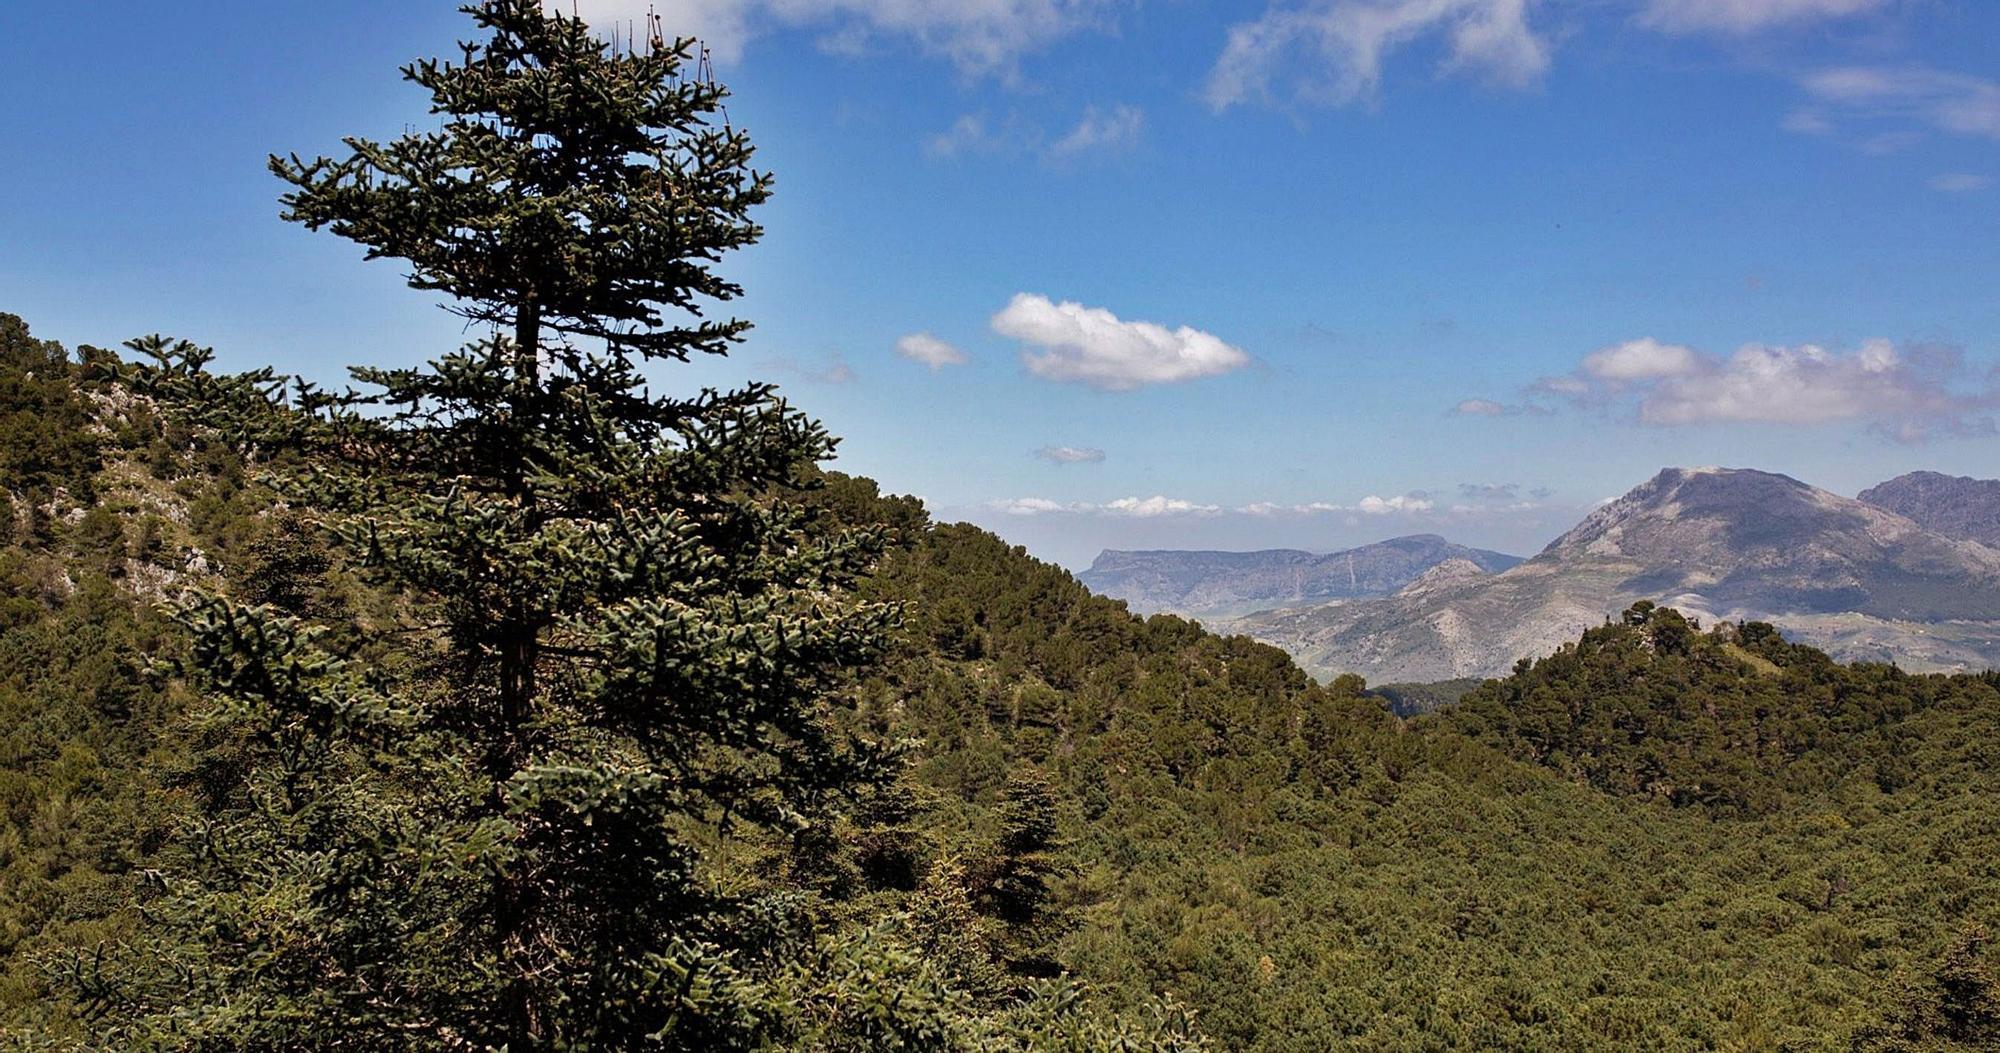 El futuro Parque Nacional de la Sierra de las Nieves se extenderá a lo largo de unas 23.000 hectáreas.